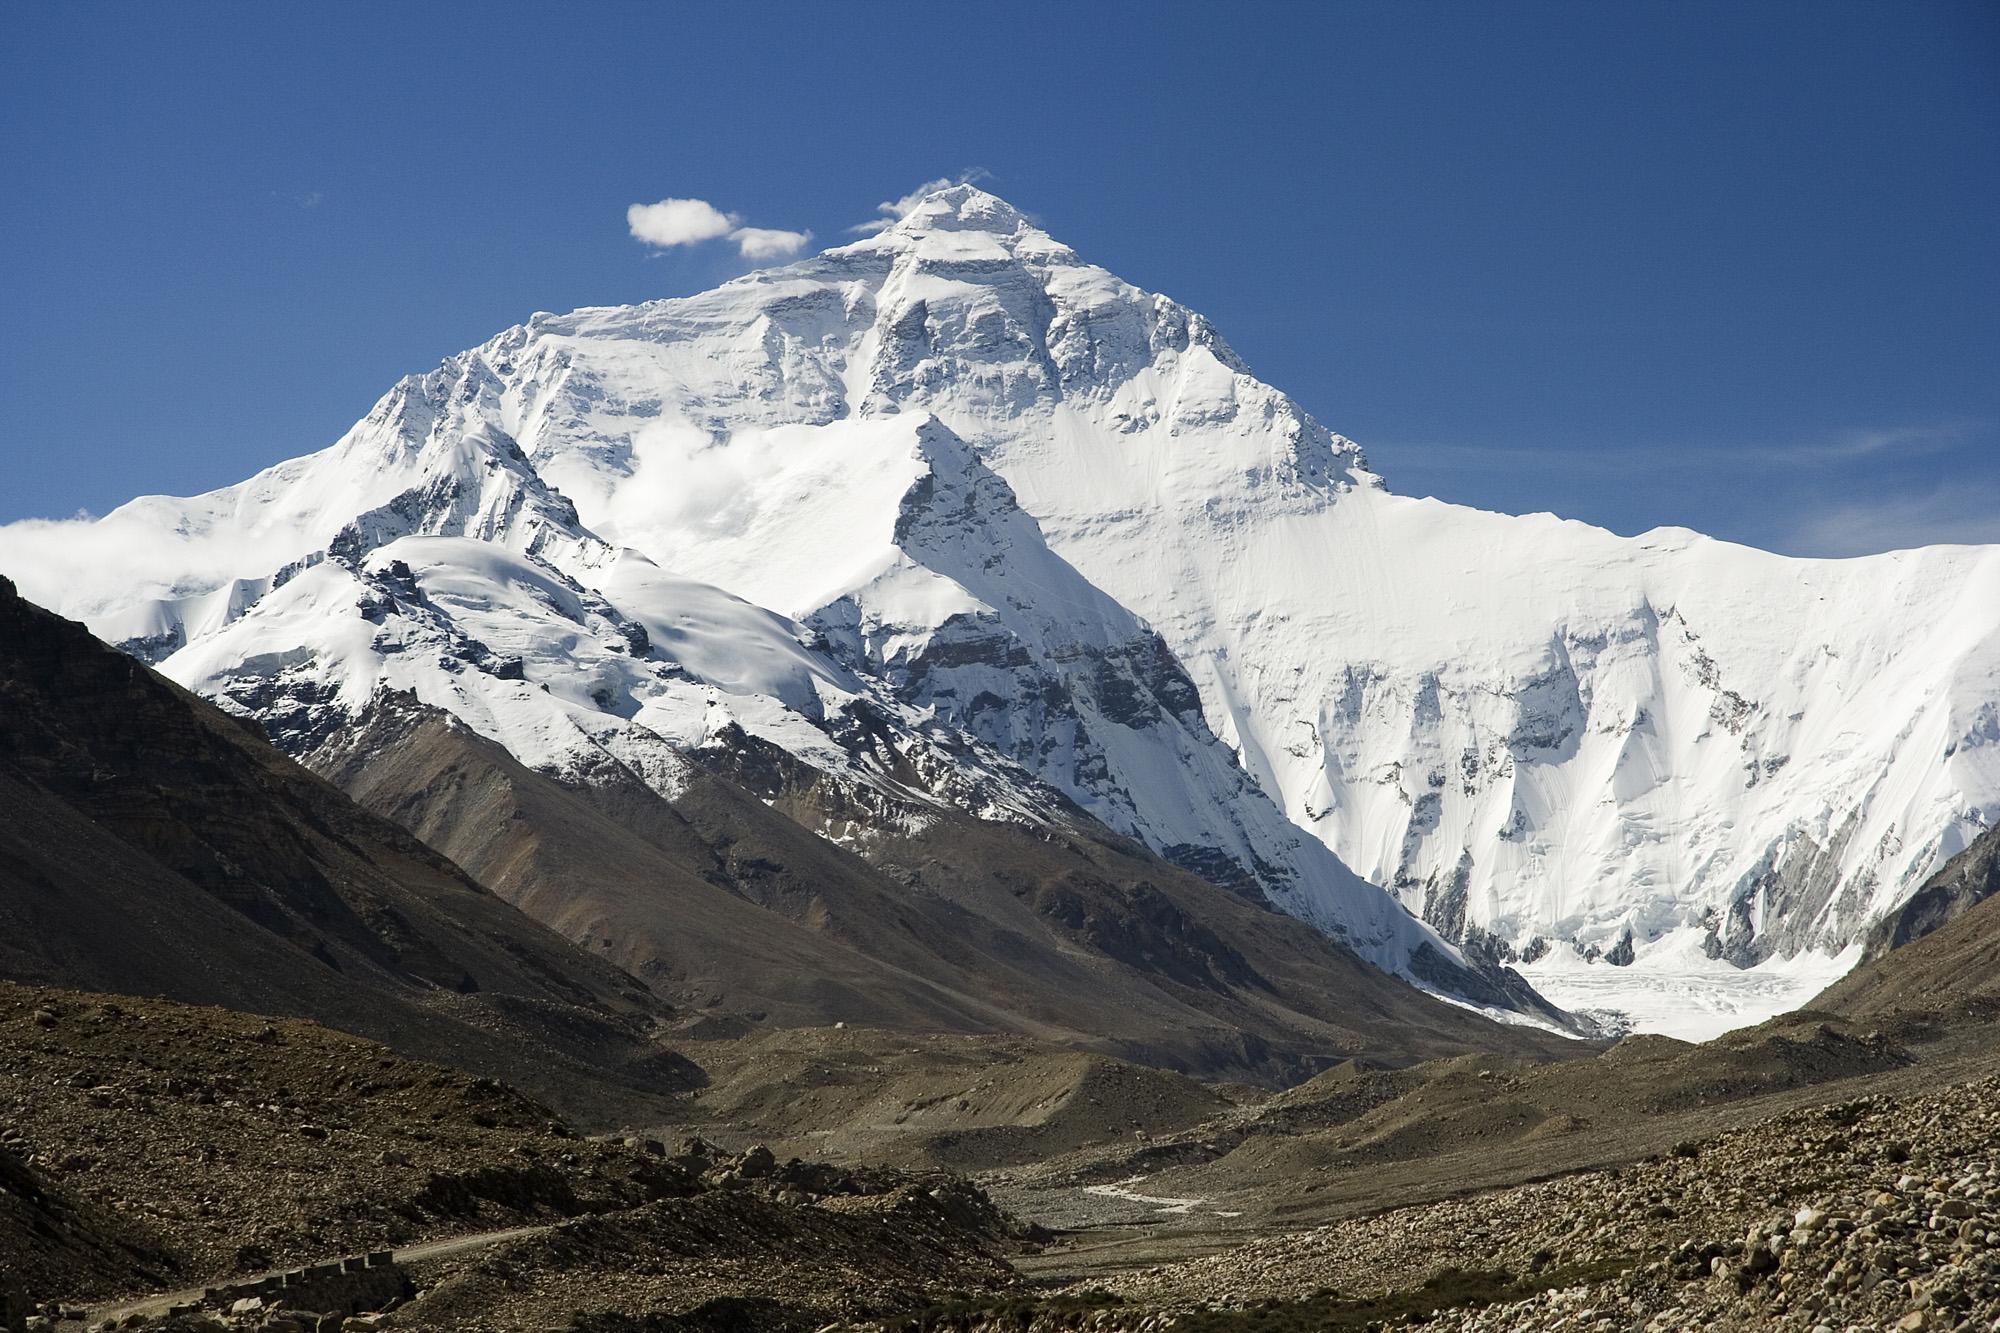 Höchster berg asiens, zugleich der höchste berg der erde: der mount